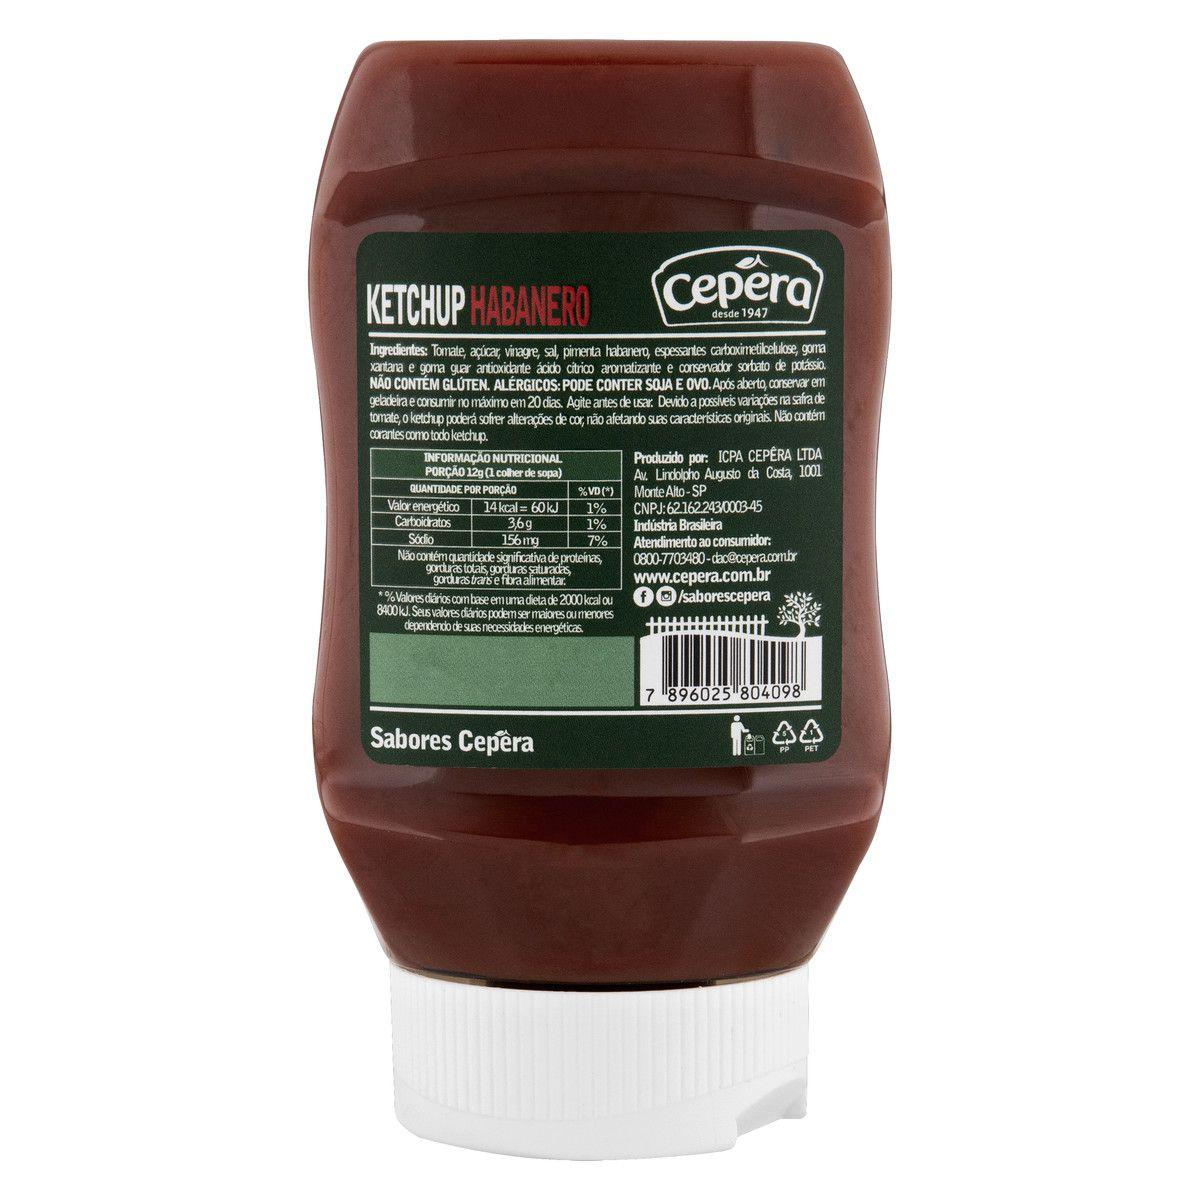 Ketchup Habanero 400g